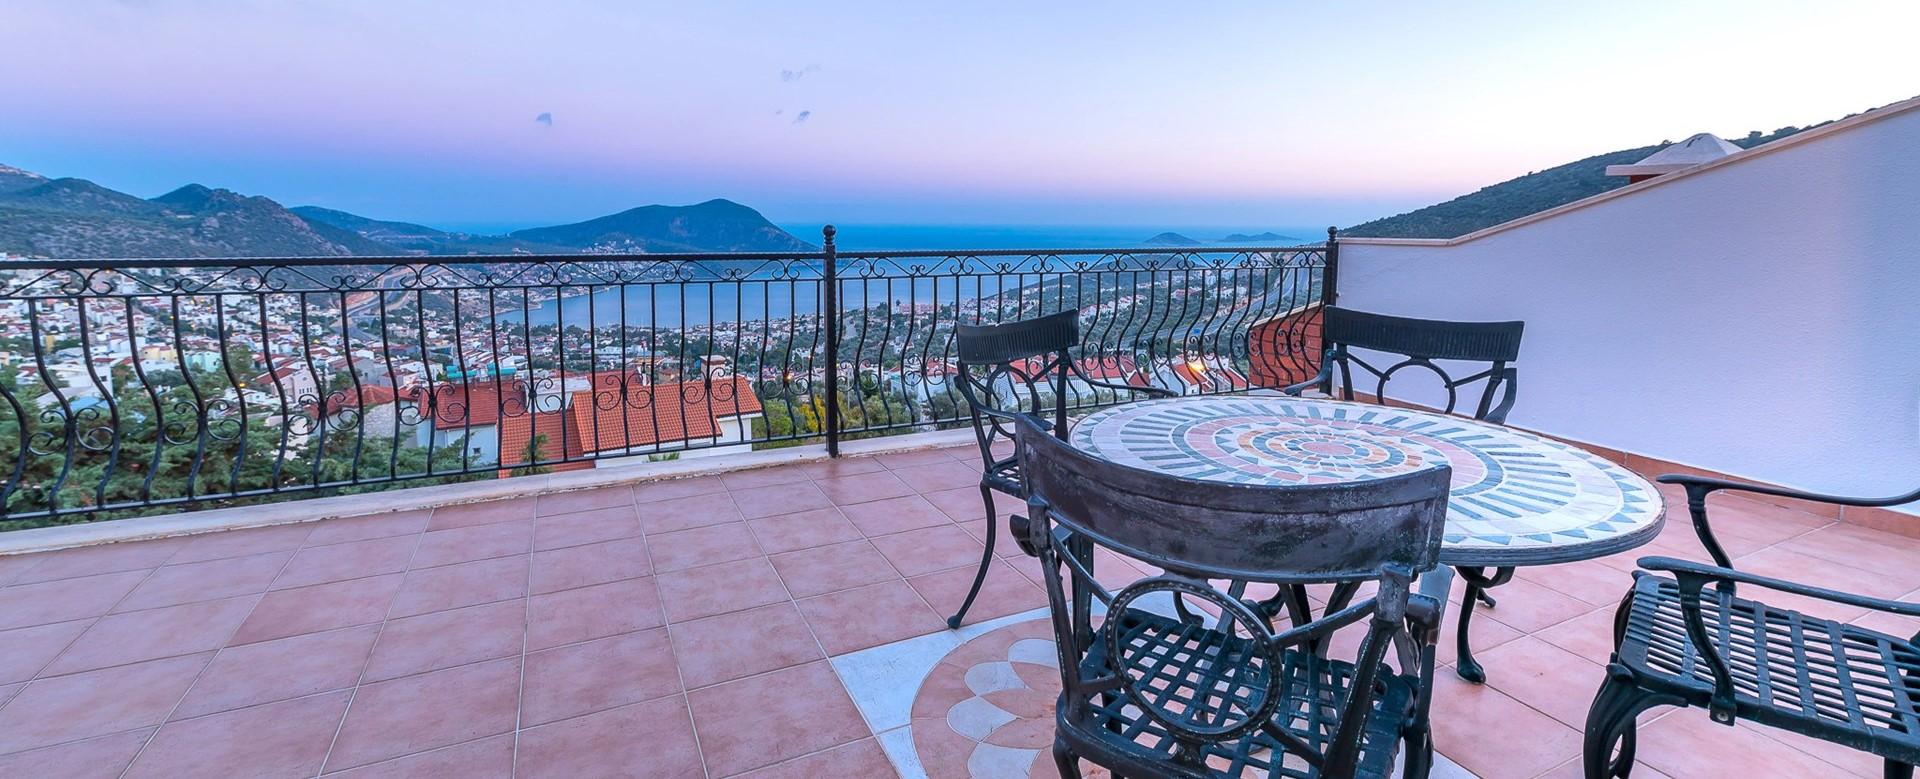 villa-caria-kalkan-seaview-roof-terrace.